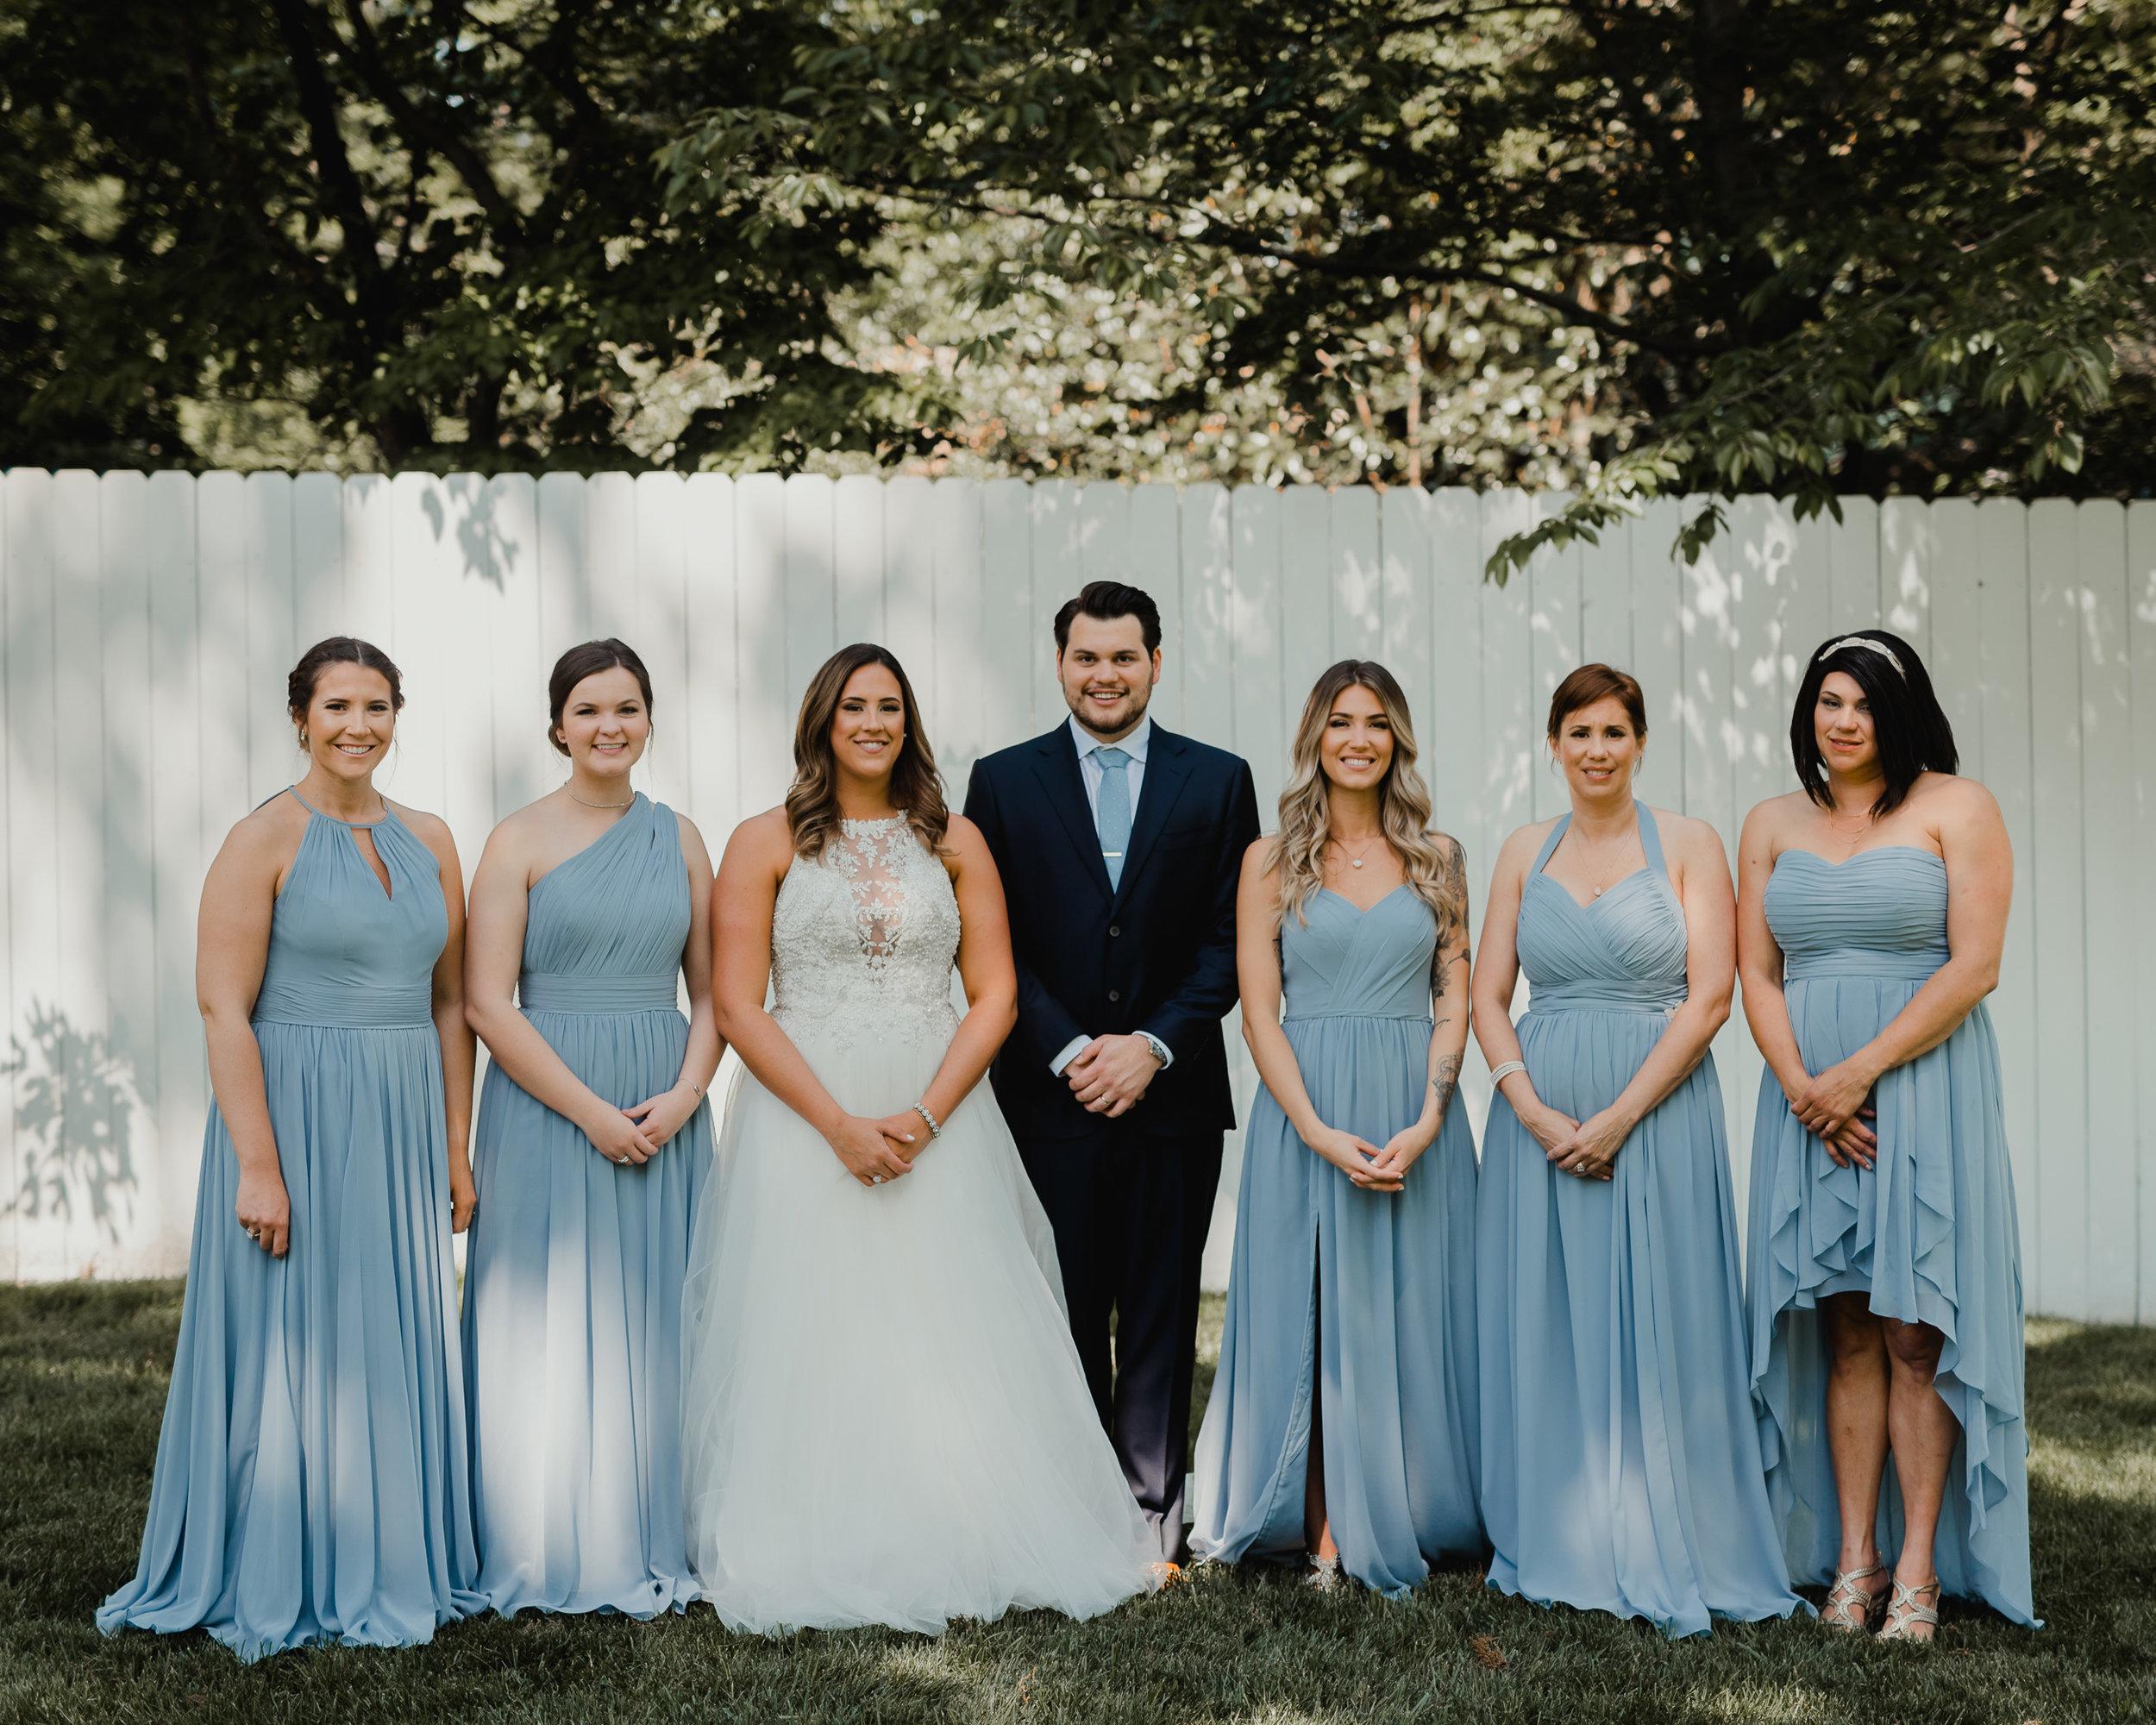 Modern garden wedding CLT whitehead manor 12.jpg